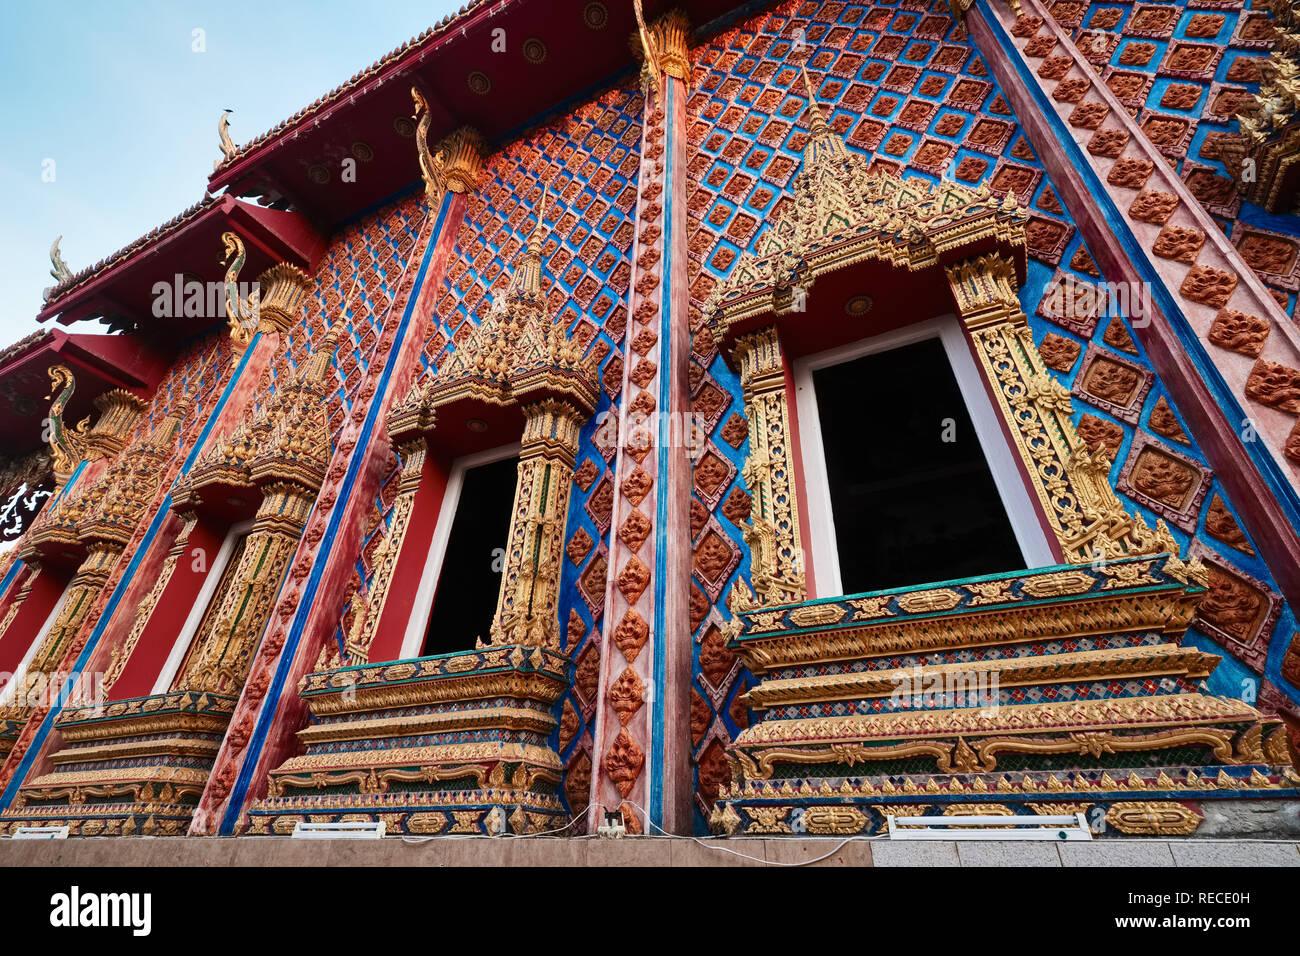 Las elaboradas ventanas y ornamentación de pared de Wat Phra Nang Sang, Thalang, Phuket, Tailandia Foto de stock